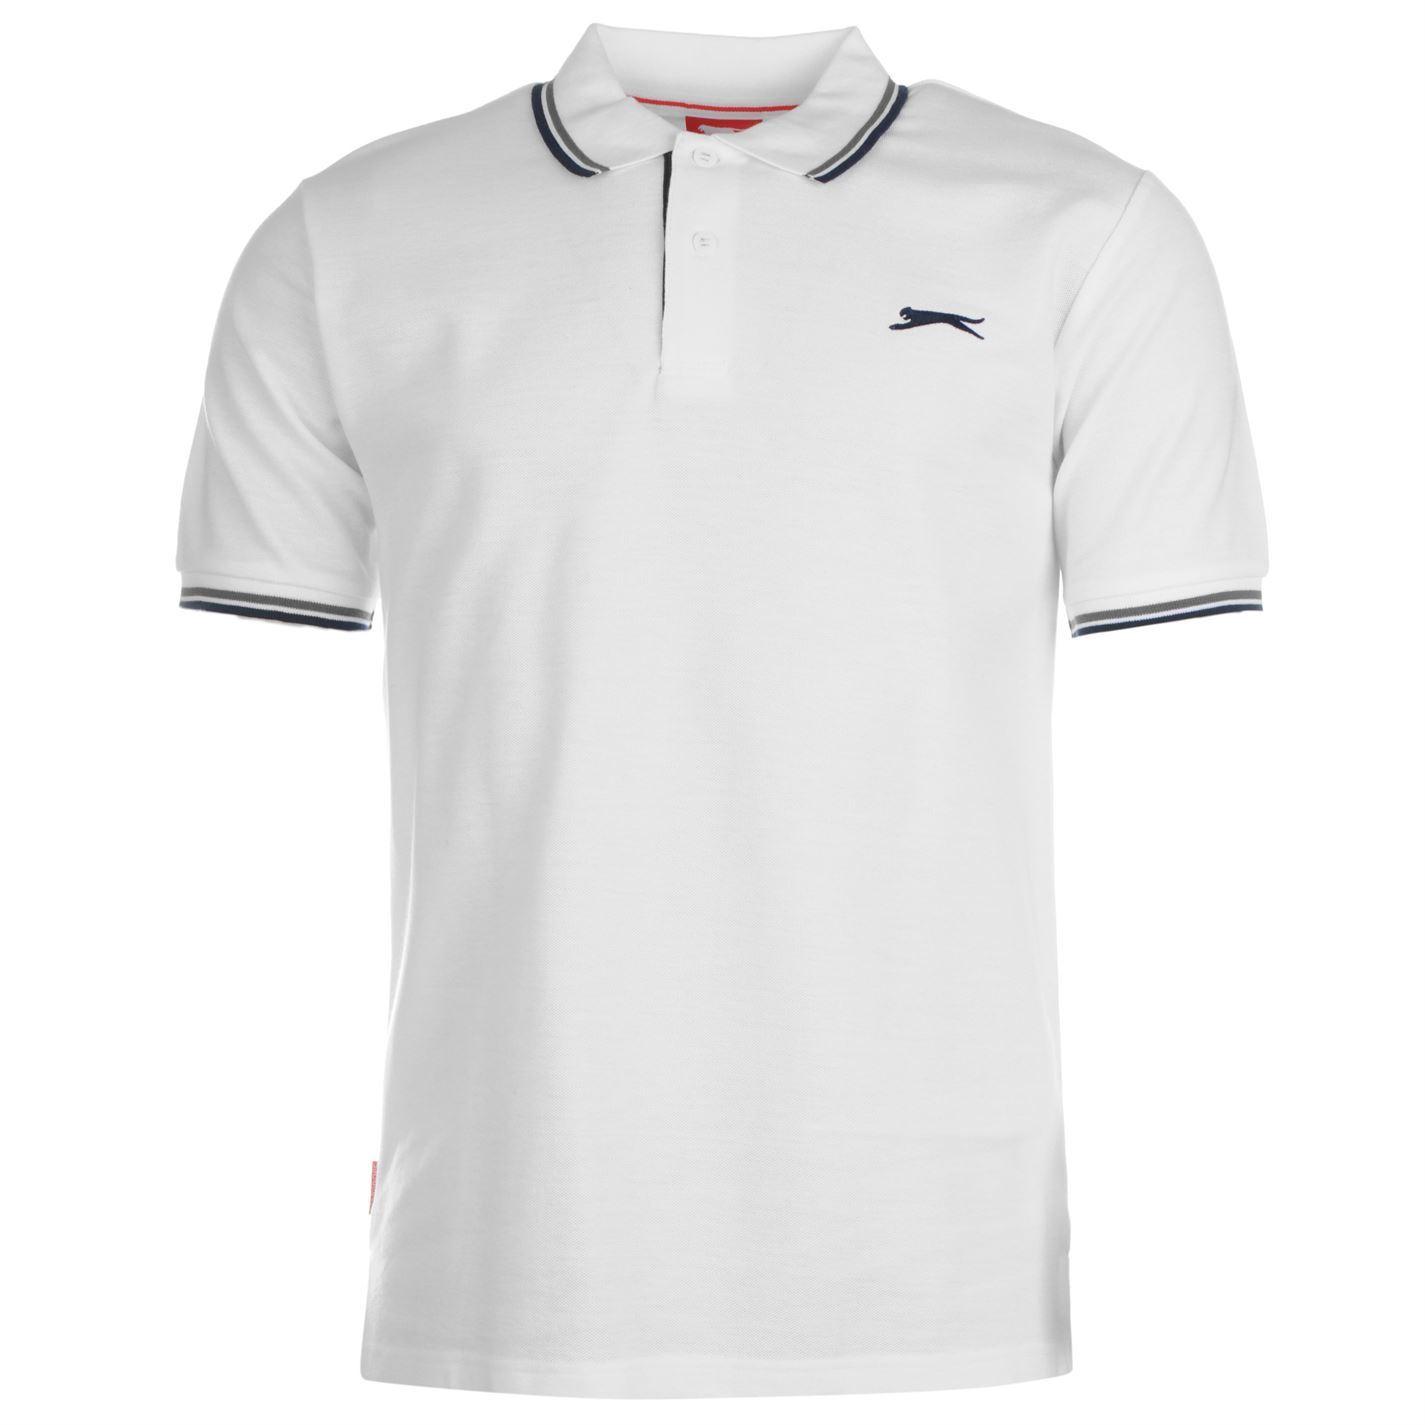 Slazenger-Polo-Camisa-de-hombre-con-cuello-con-Punta-T-Shirt-Top-Camiseta-Tee miniatura 111